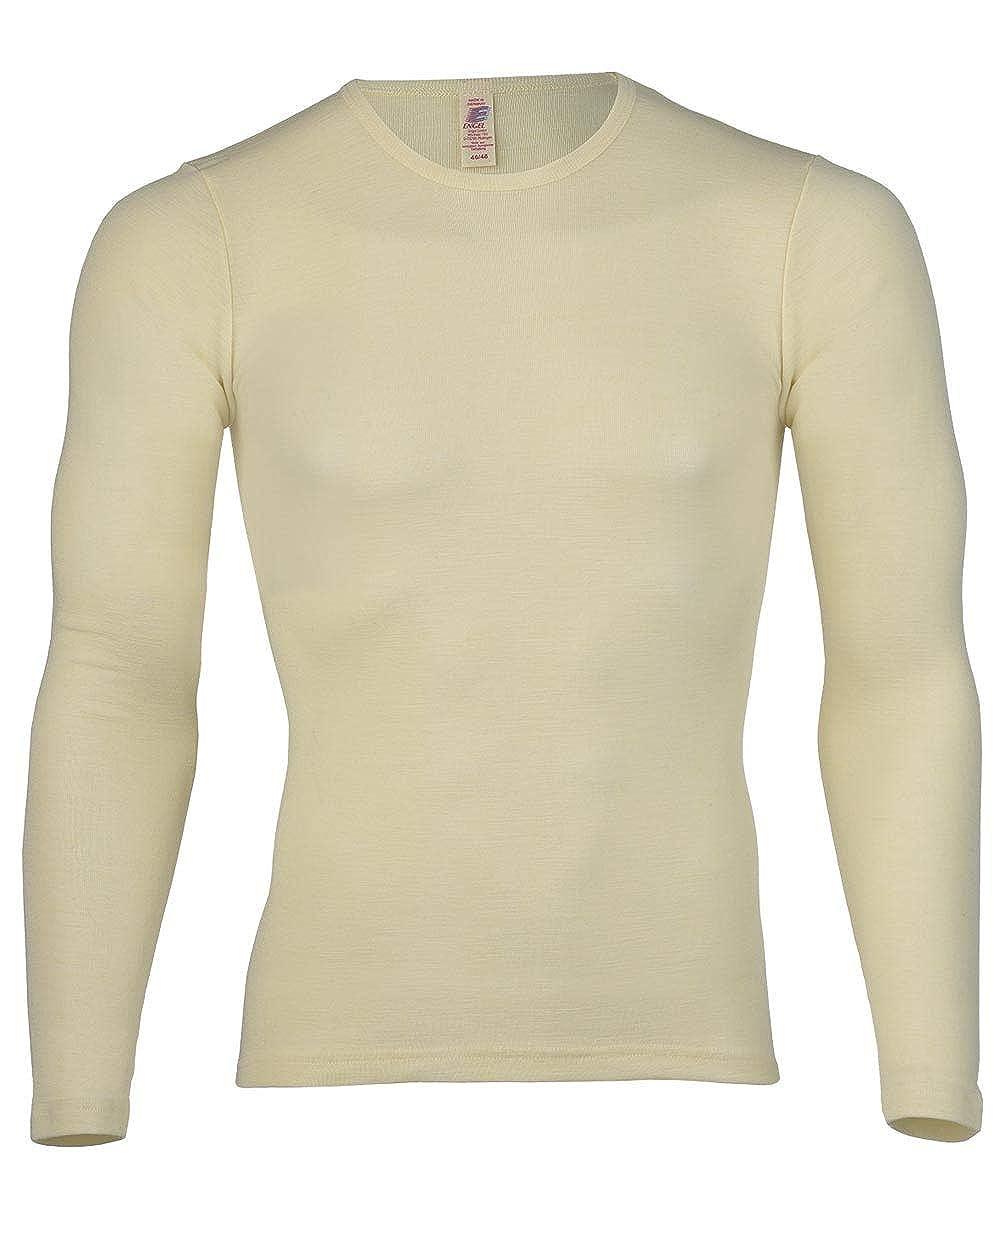 Uomo e Donna Maglia intima a maniche lunghe, 100% lana vergine, marchio: Engel Natur 404800